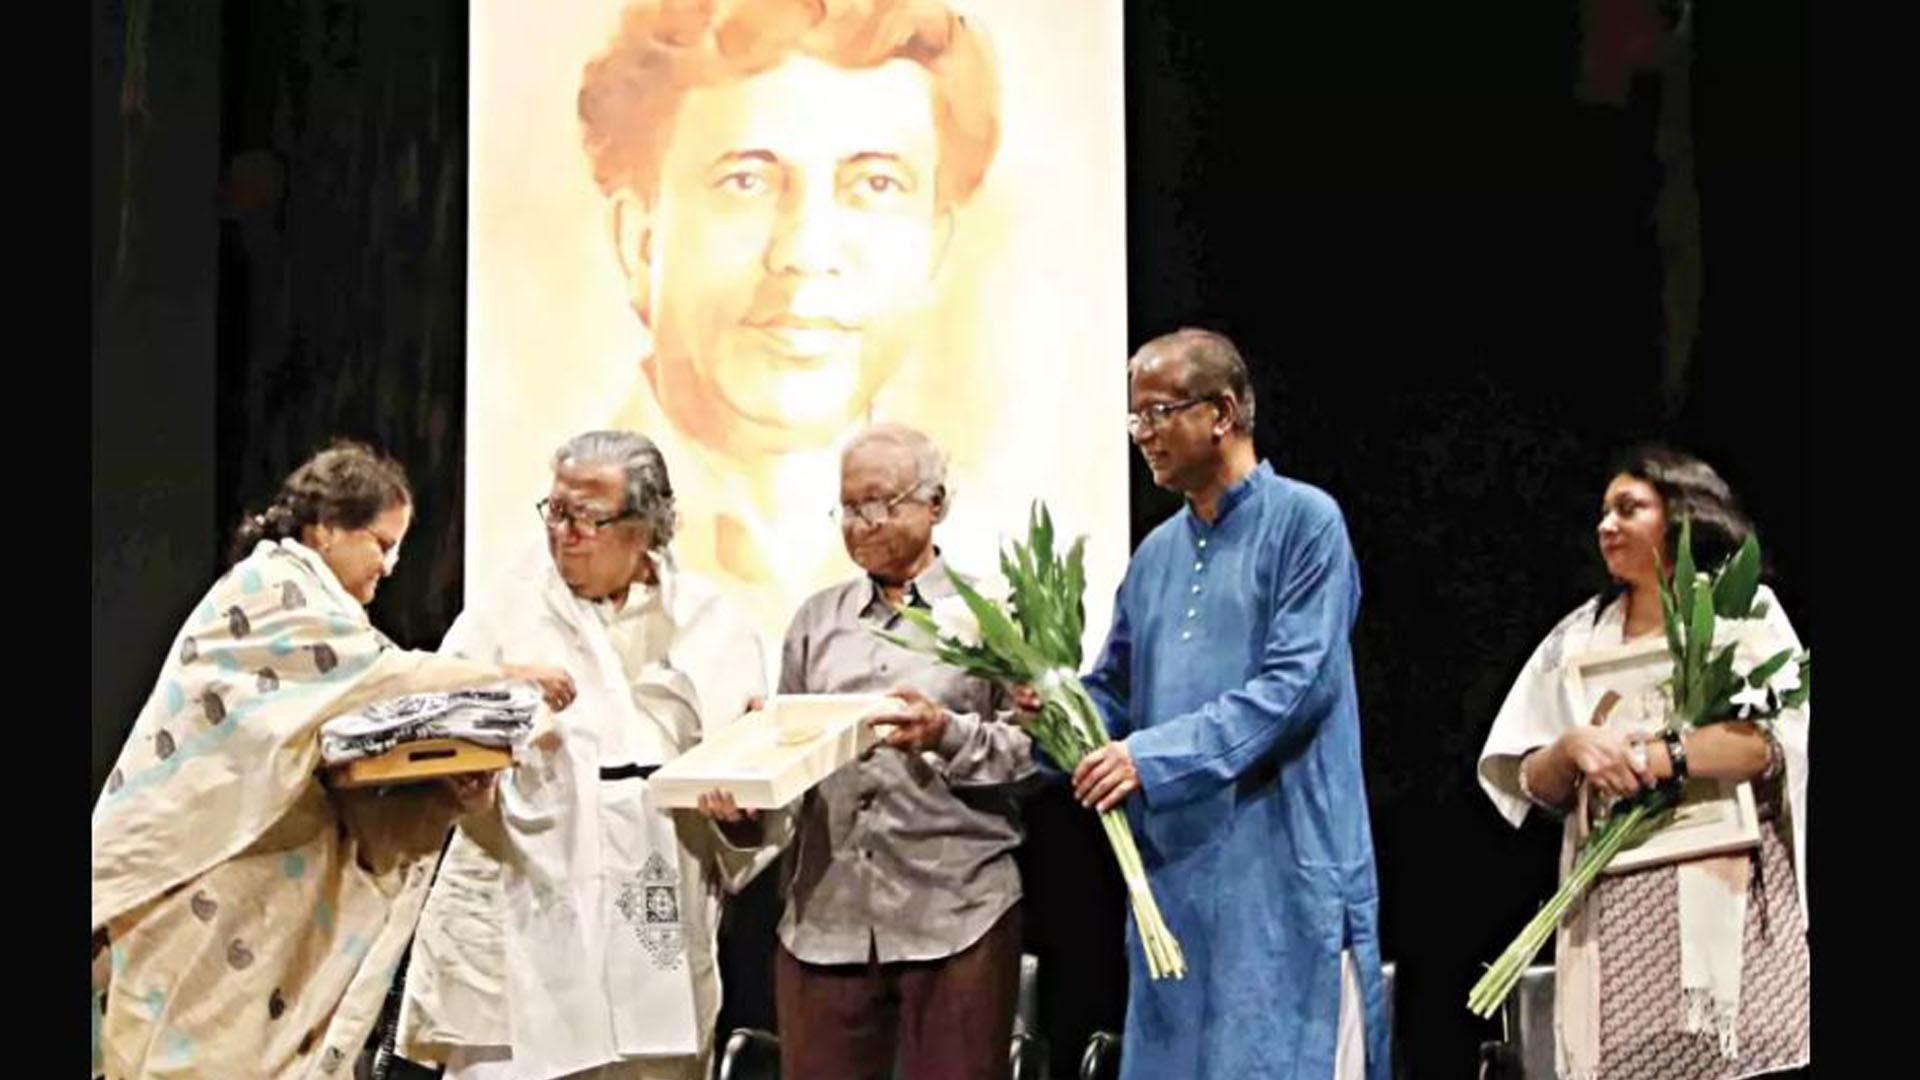 সেলিম আল দীন পদক ২০১৫ প্রাপ্ত কলকাতার অধ্যাপক অরুণ সেন।